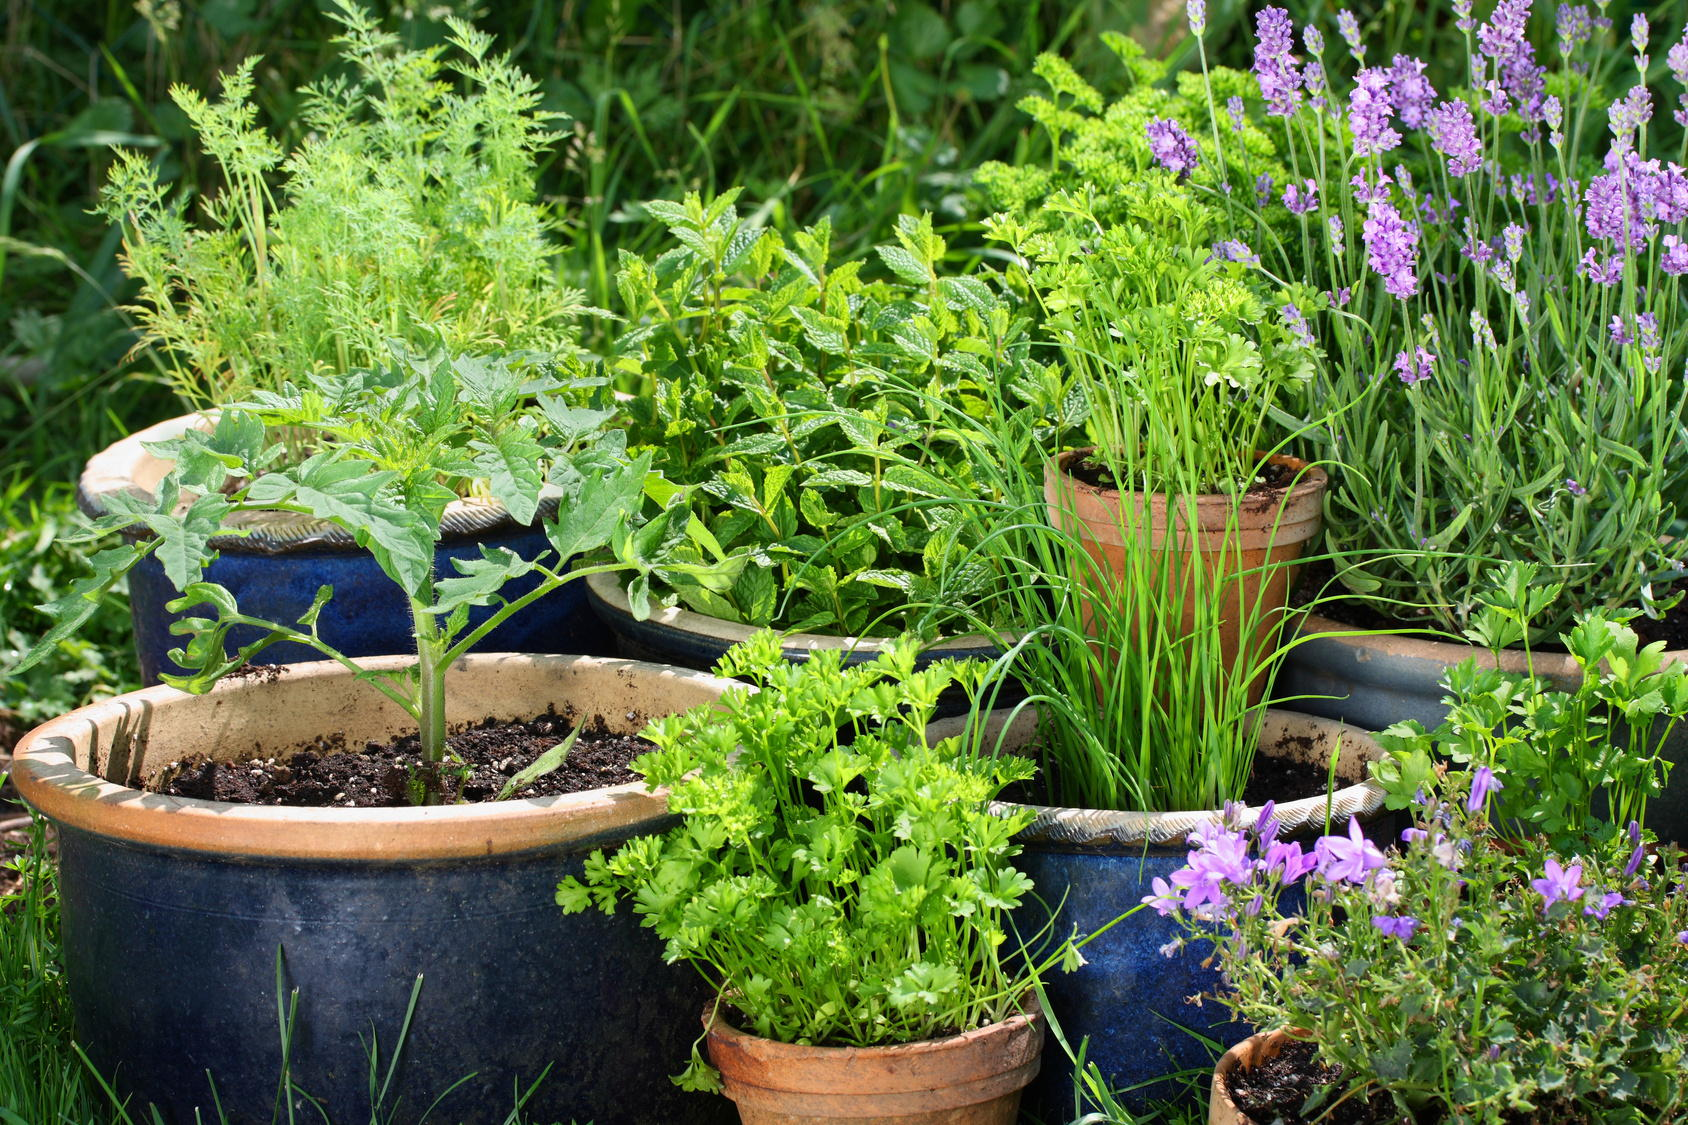 aranżacja ogrodów - projektowanie ogrodów - aranżacje ogrodów Toruń